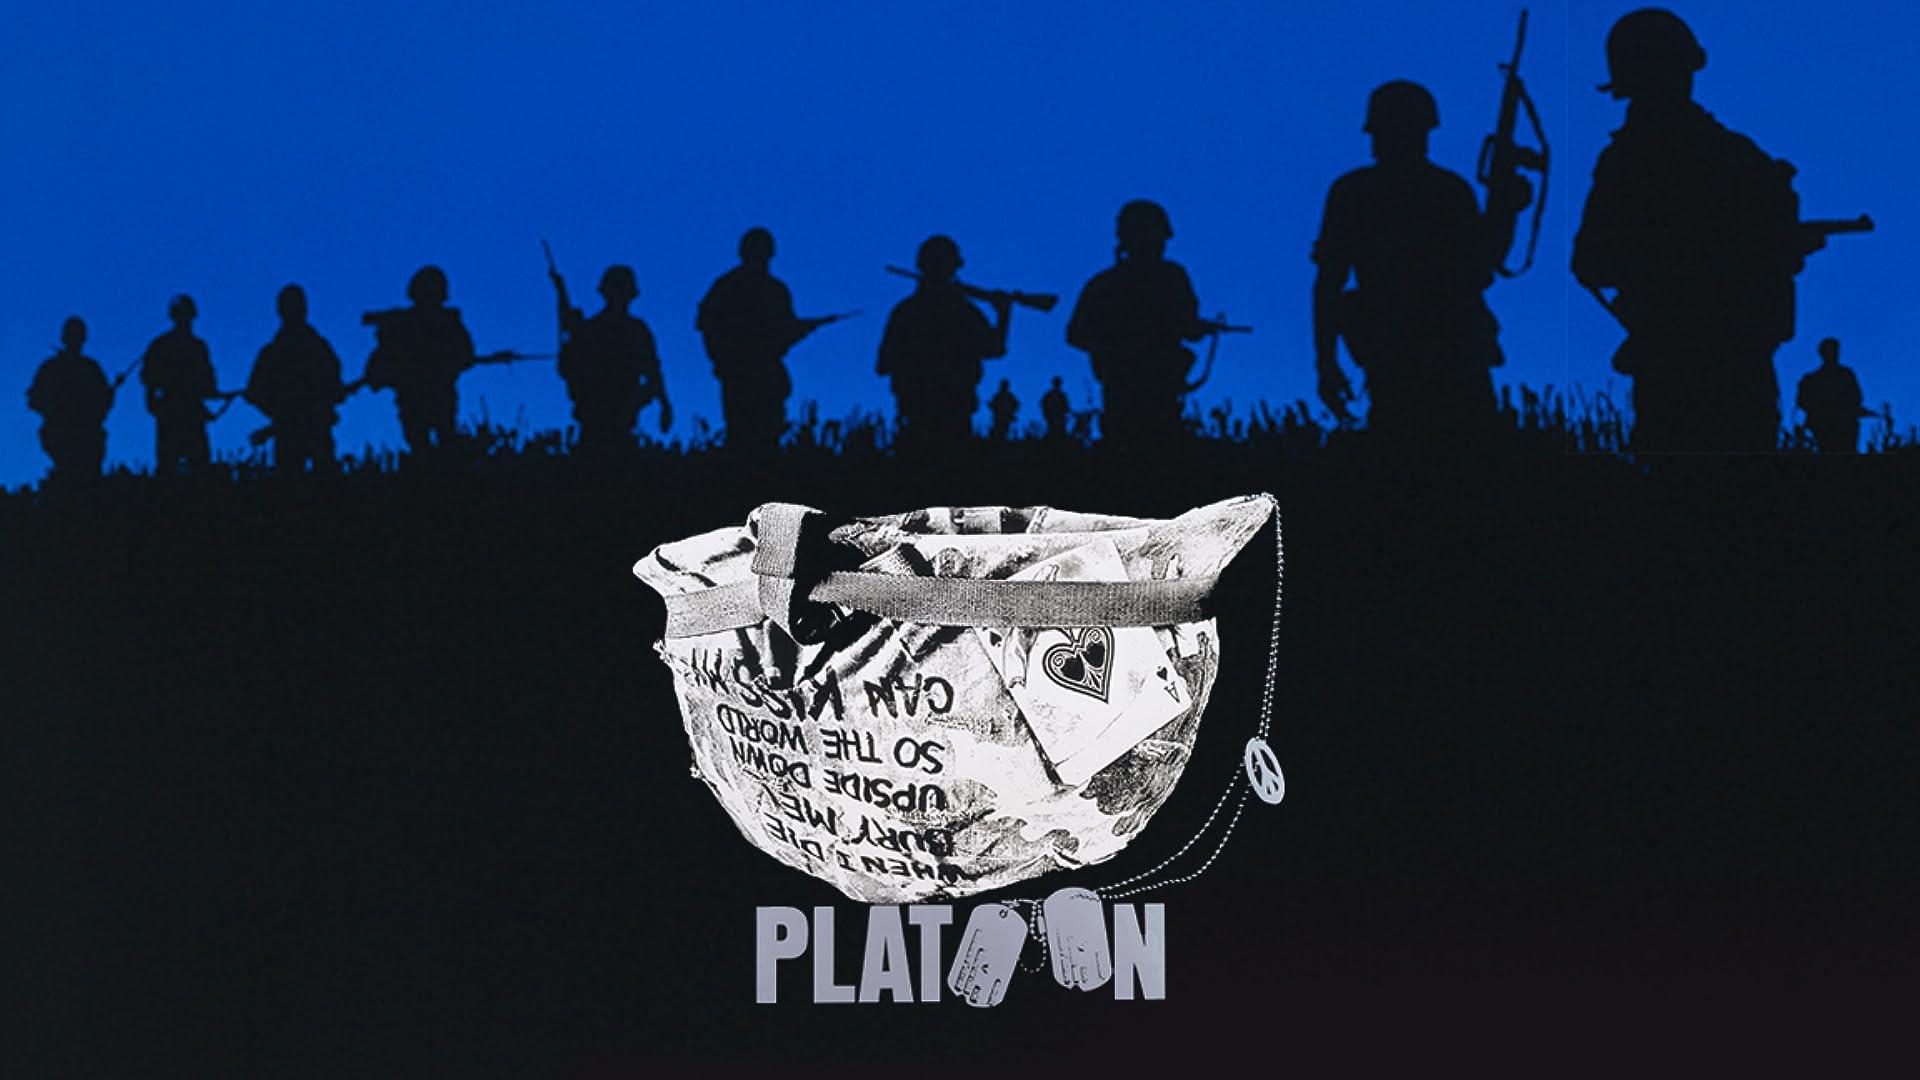 Platoon (4K UHD)